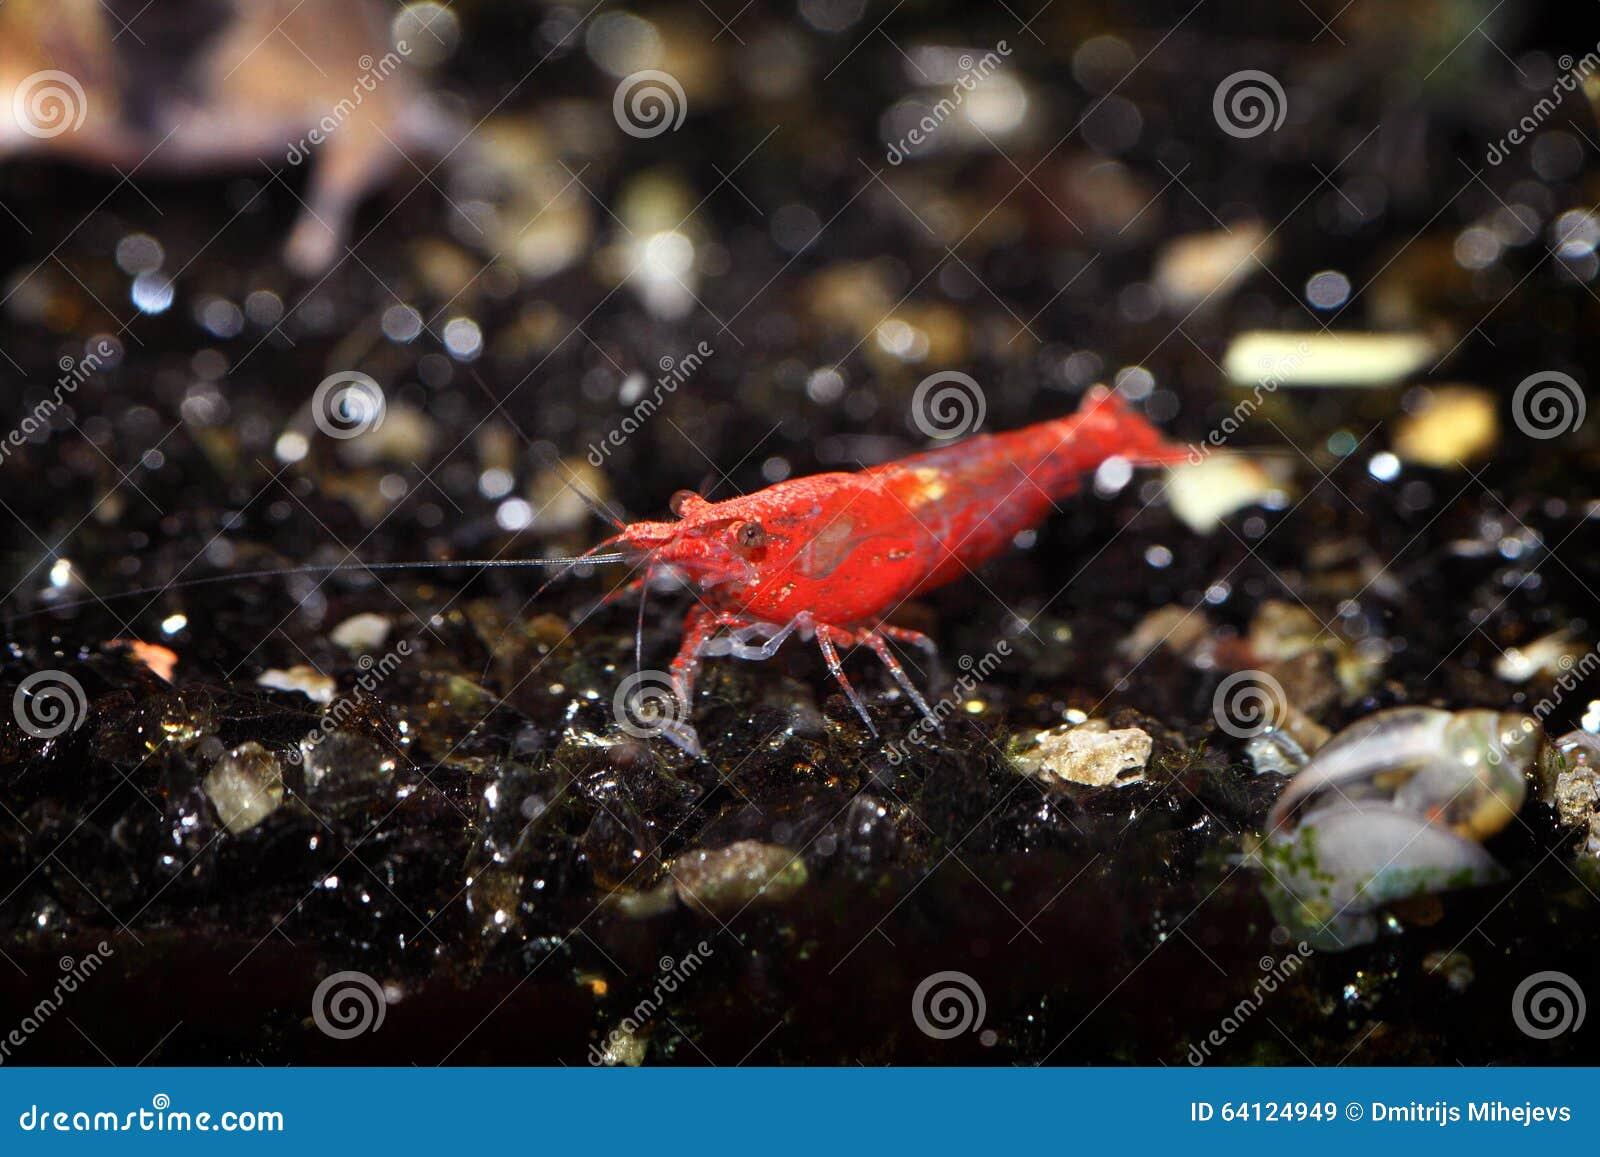 Shrimp Stock Photo - Image: 64124949